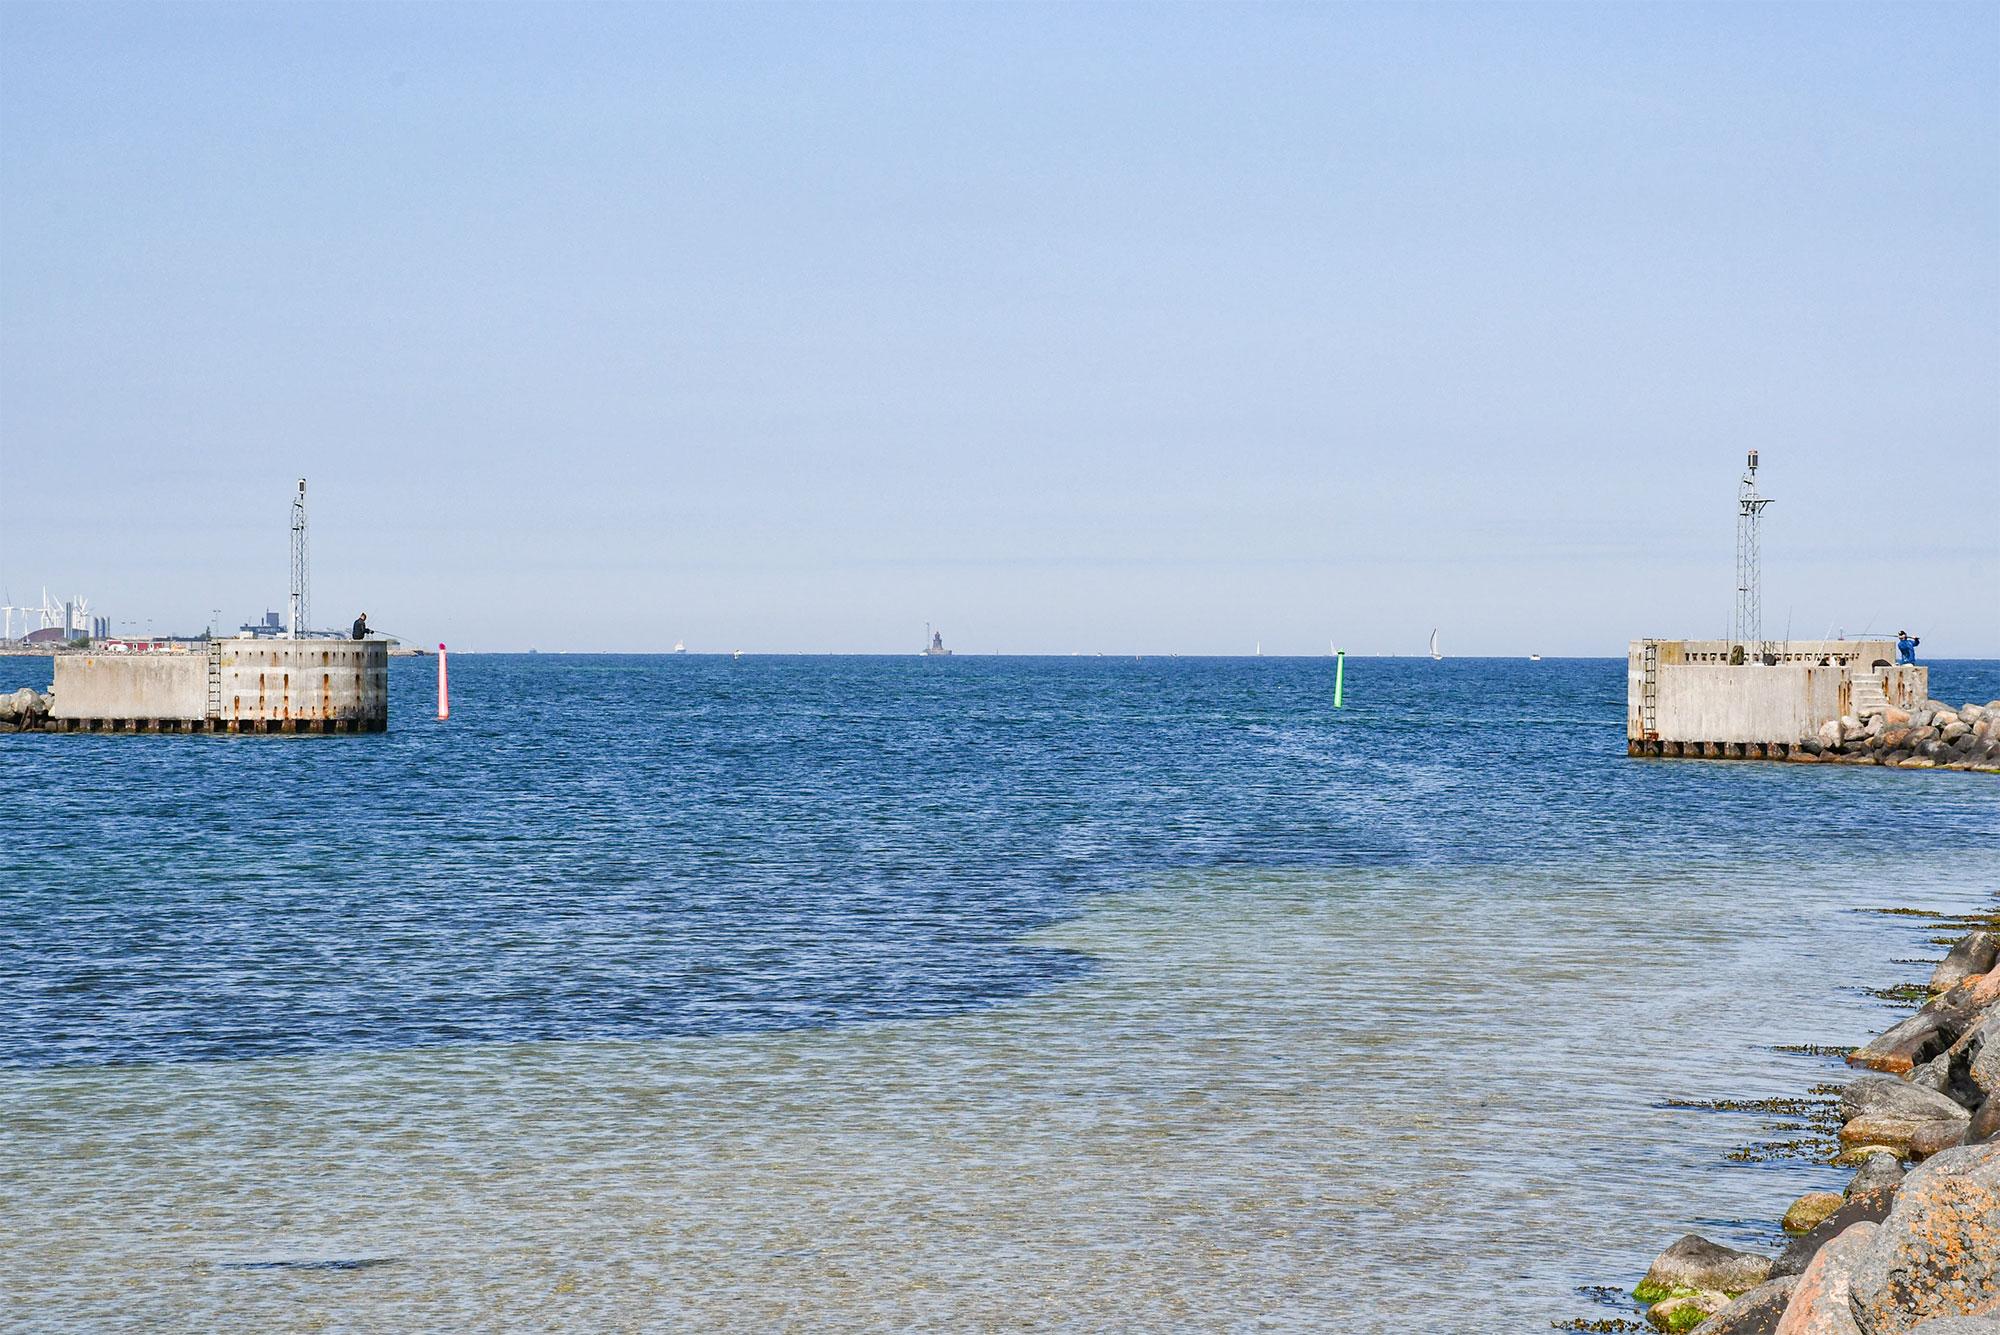 Med en ny fælles indsejling til Ny Havn og færgehavnen vil man mindske de årlige udgifter til uddybning af sejlrenderne. Samtidig tages der også et skridt i retning af sammenlægning af alle tre havnebassiner med én fælles indsejling. Og som et led i en fremtidig stormflodssikring ser man muligheden for at sætte en sluse i en fælles indsejling, som vil kunne lukkes i tilfælde af stormflod. Foto: Ebbe Kyrø.